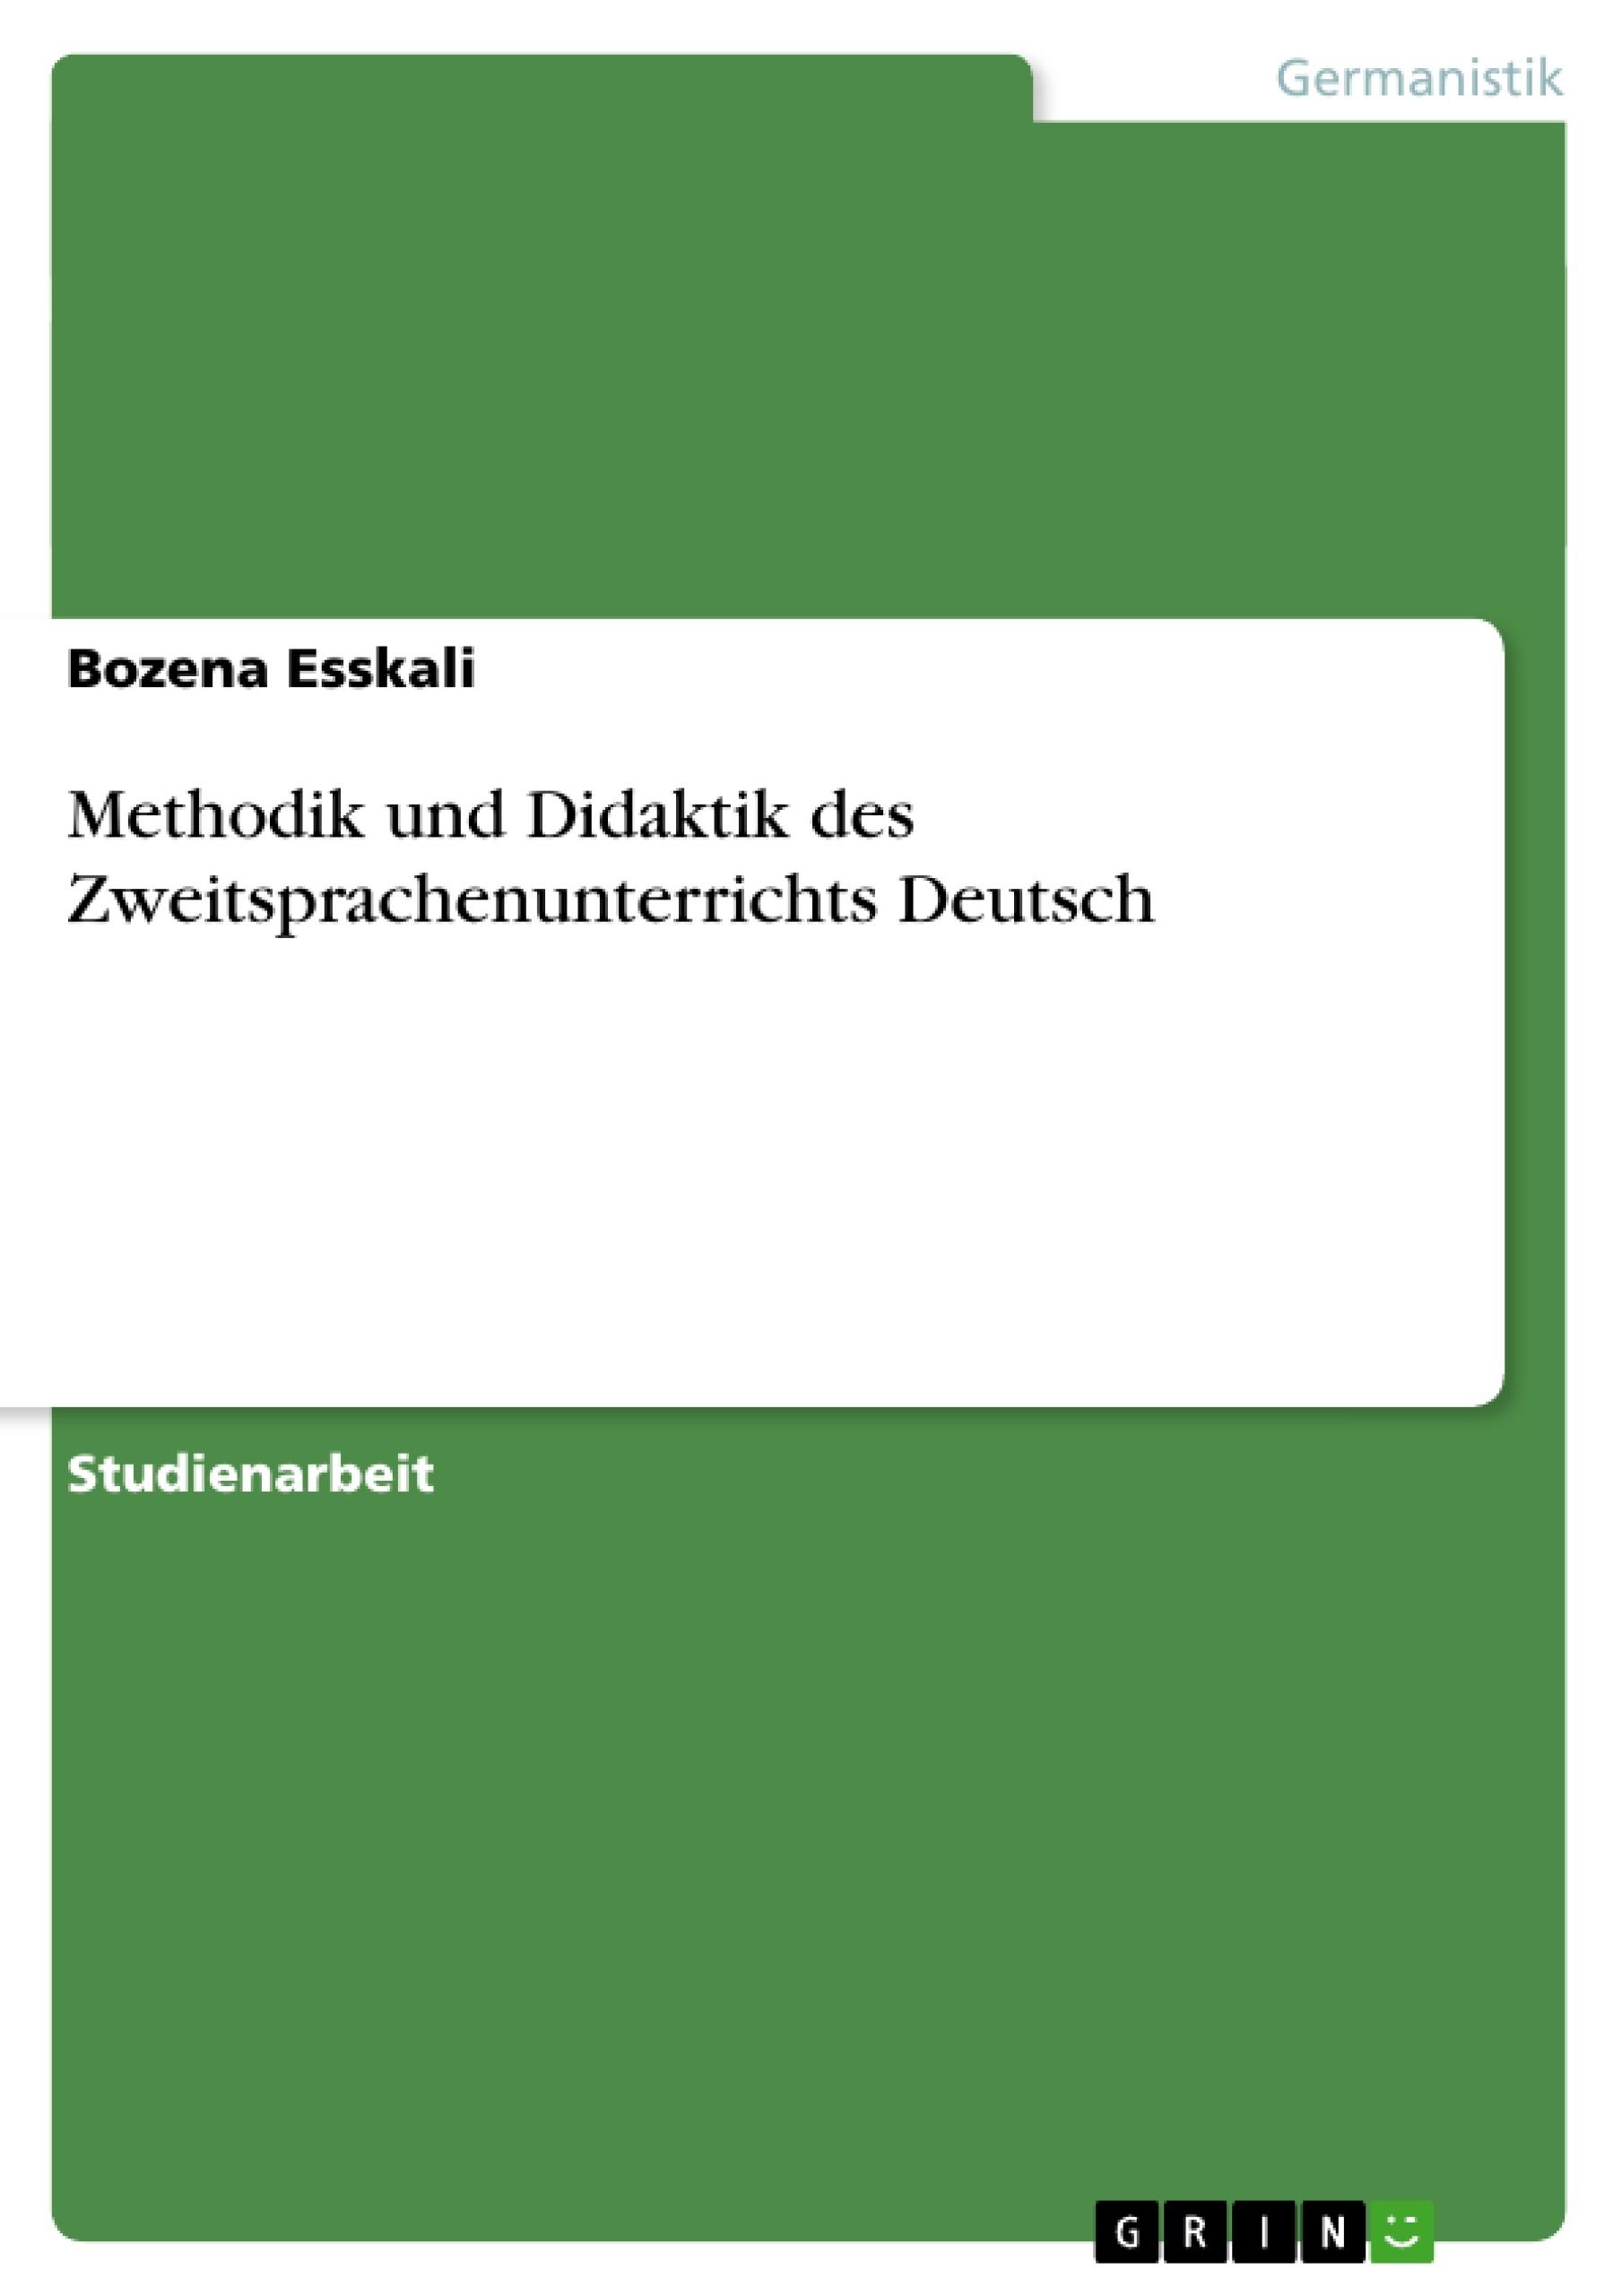 Titel: Methodik und Didaktik des Zweitsprachenunterrichts Deutsch